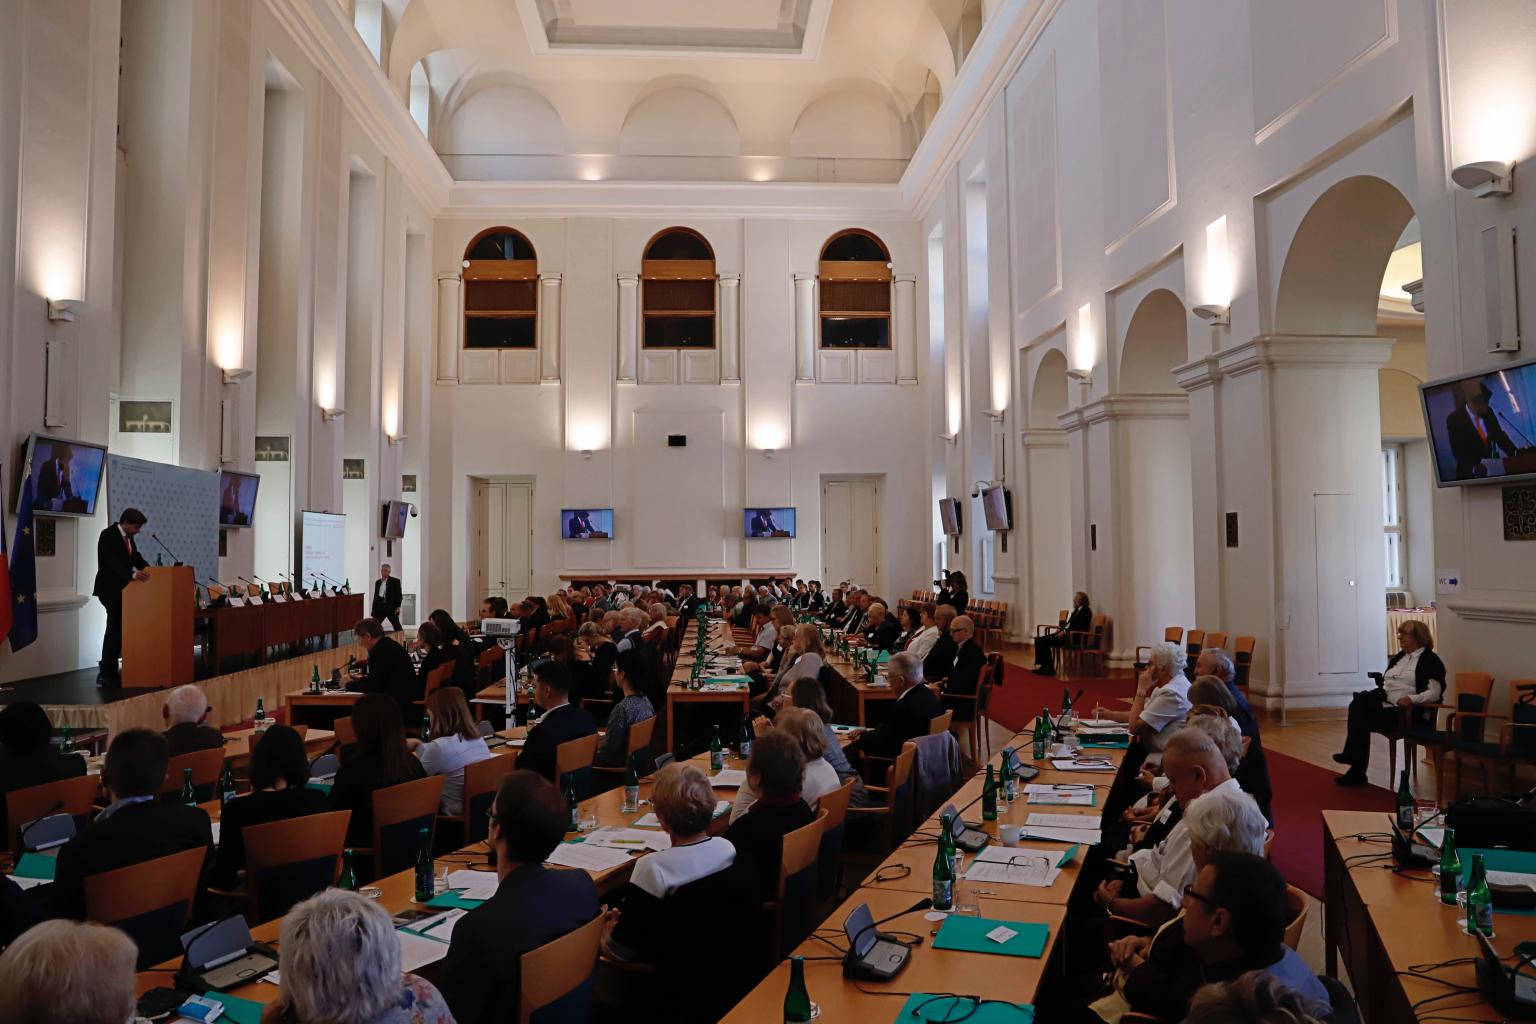 Konferenz und kulturelle Großveranstaltung der Landesversammlung abgesagt